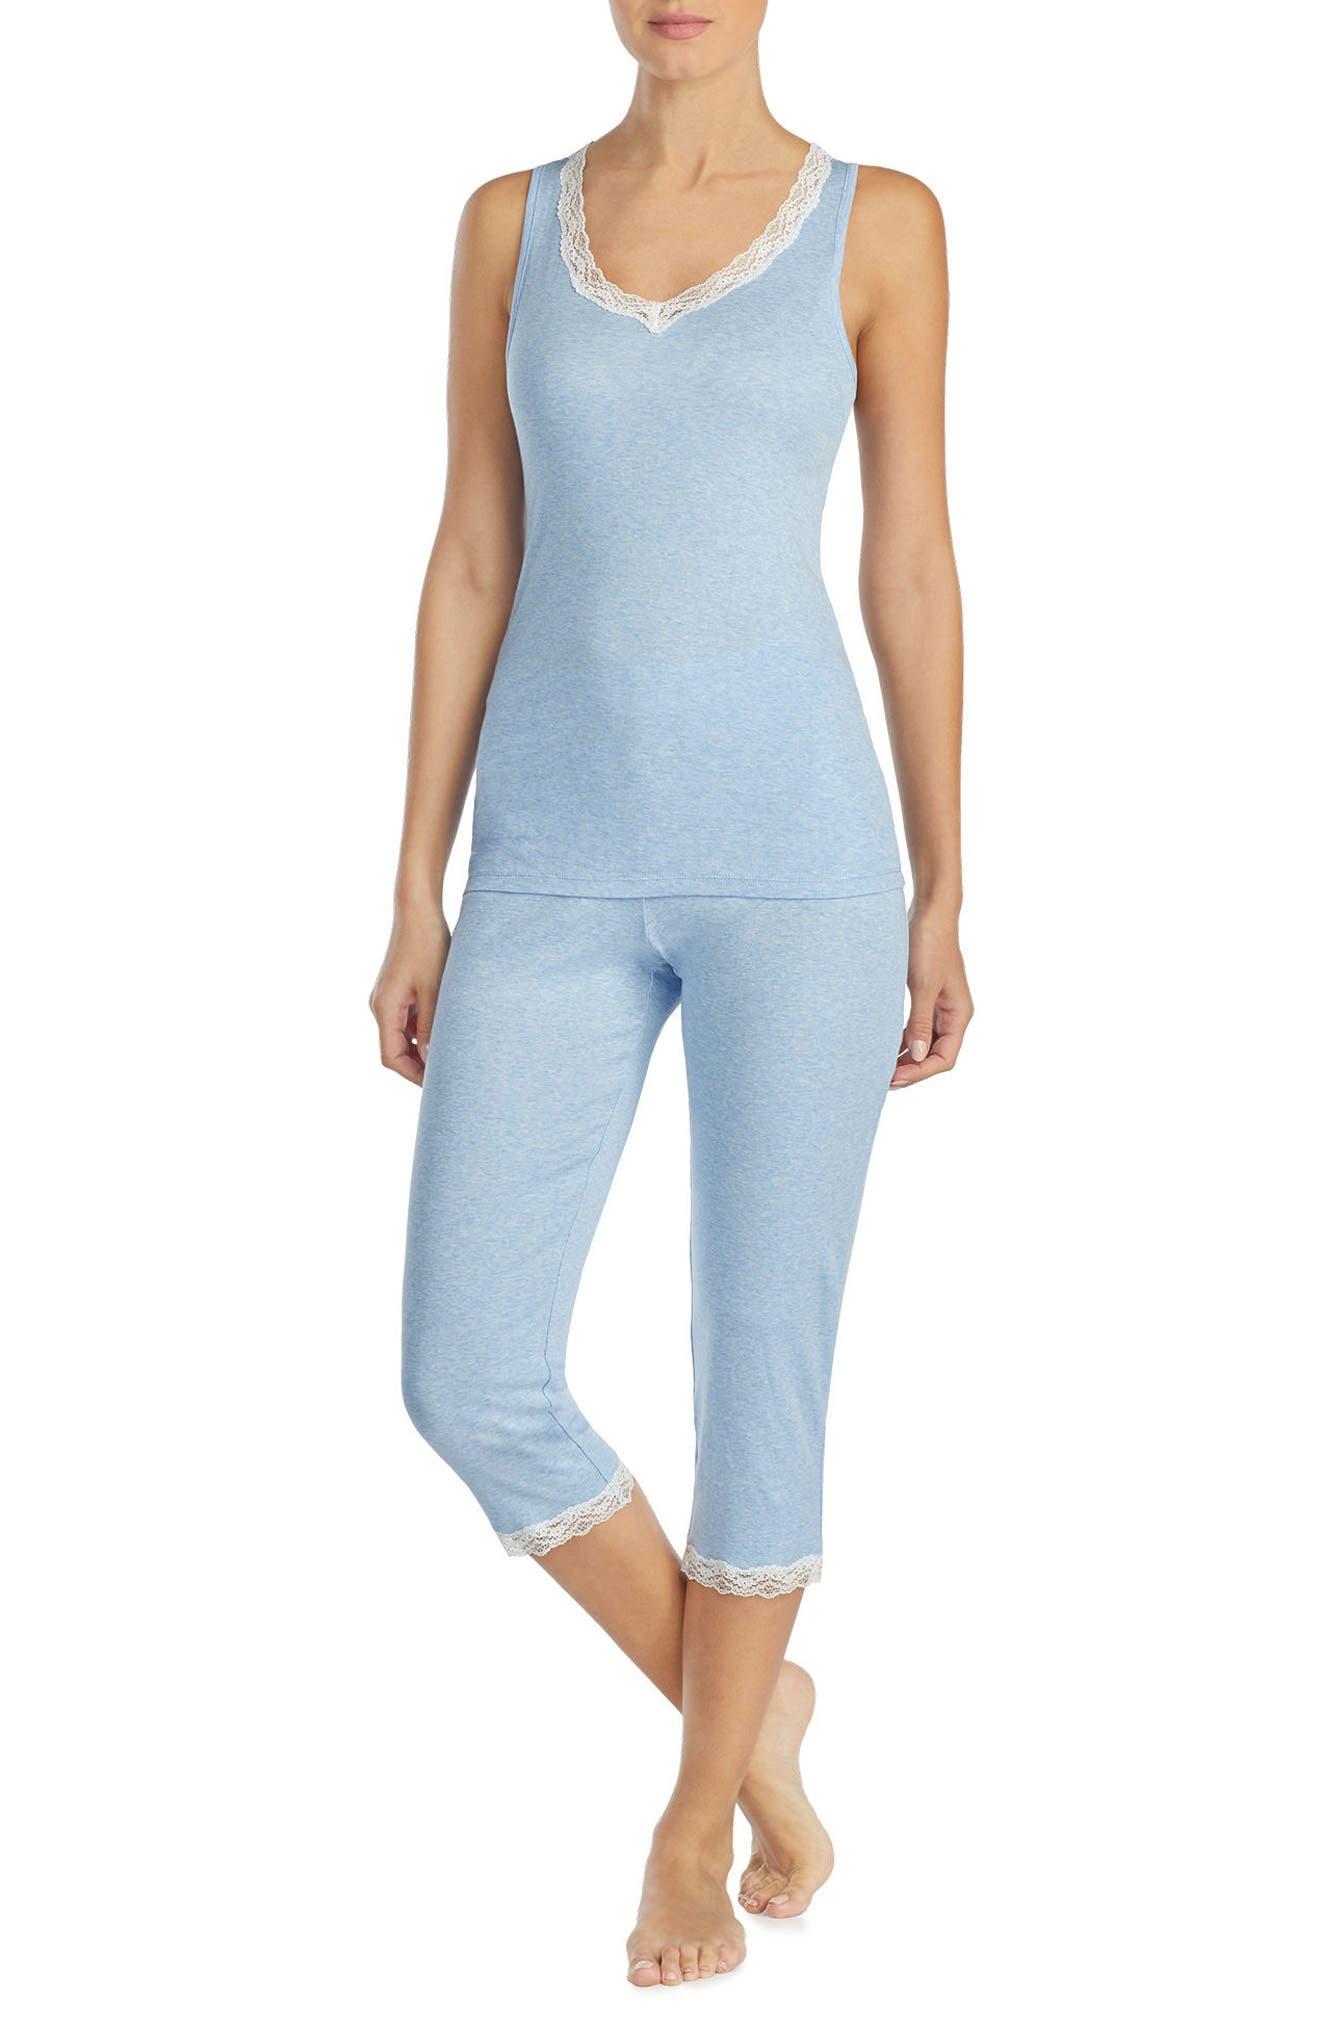 Alternate Image 1 Selected - Lauren Ralph Lauren Lace Trim Capri Pajamas